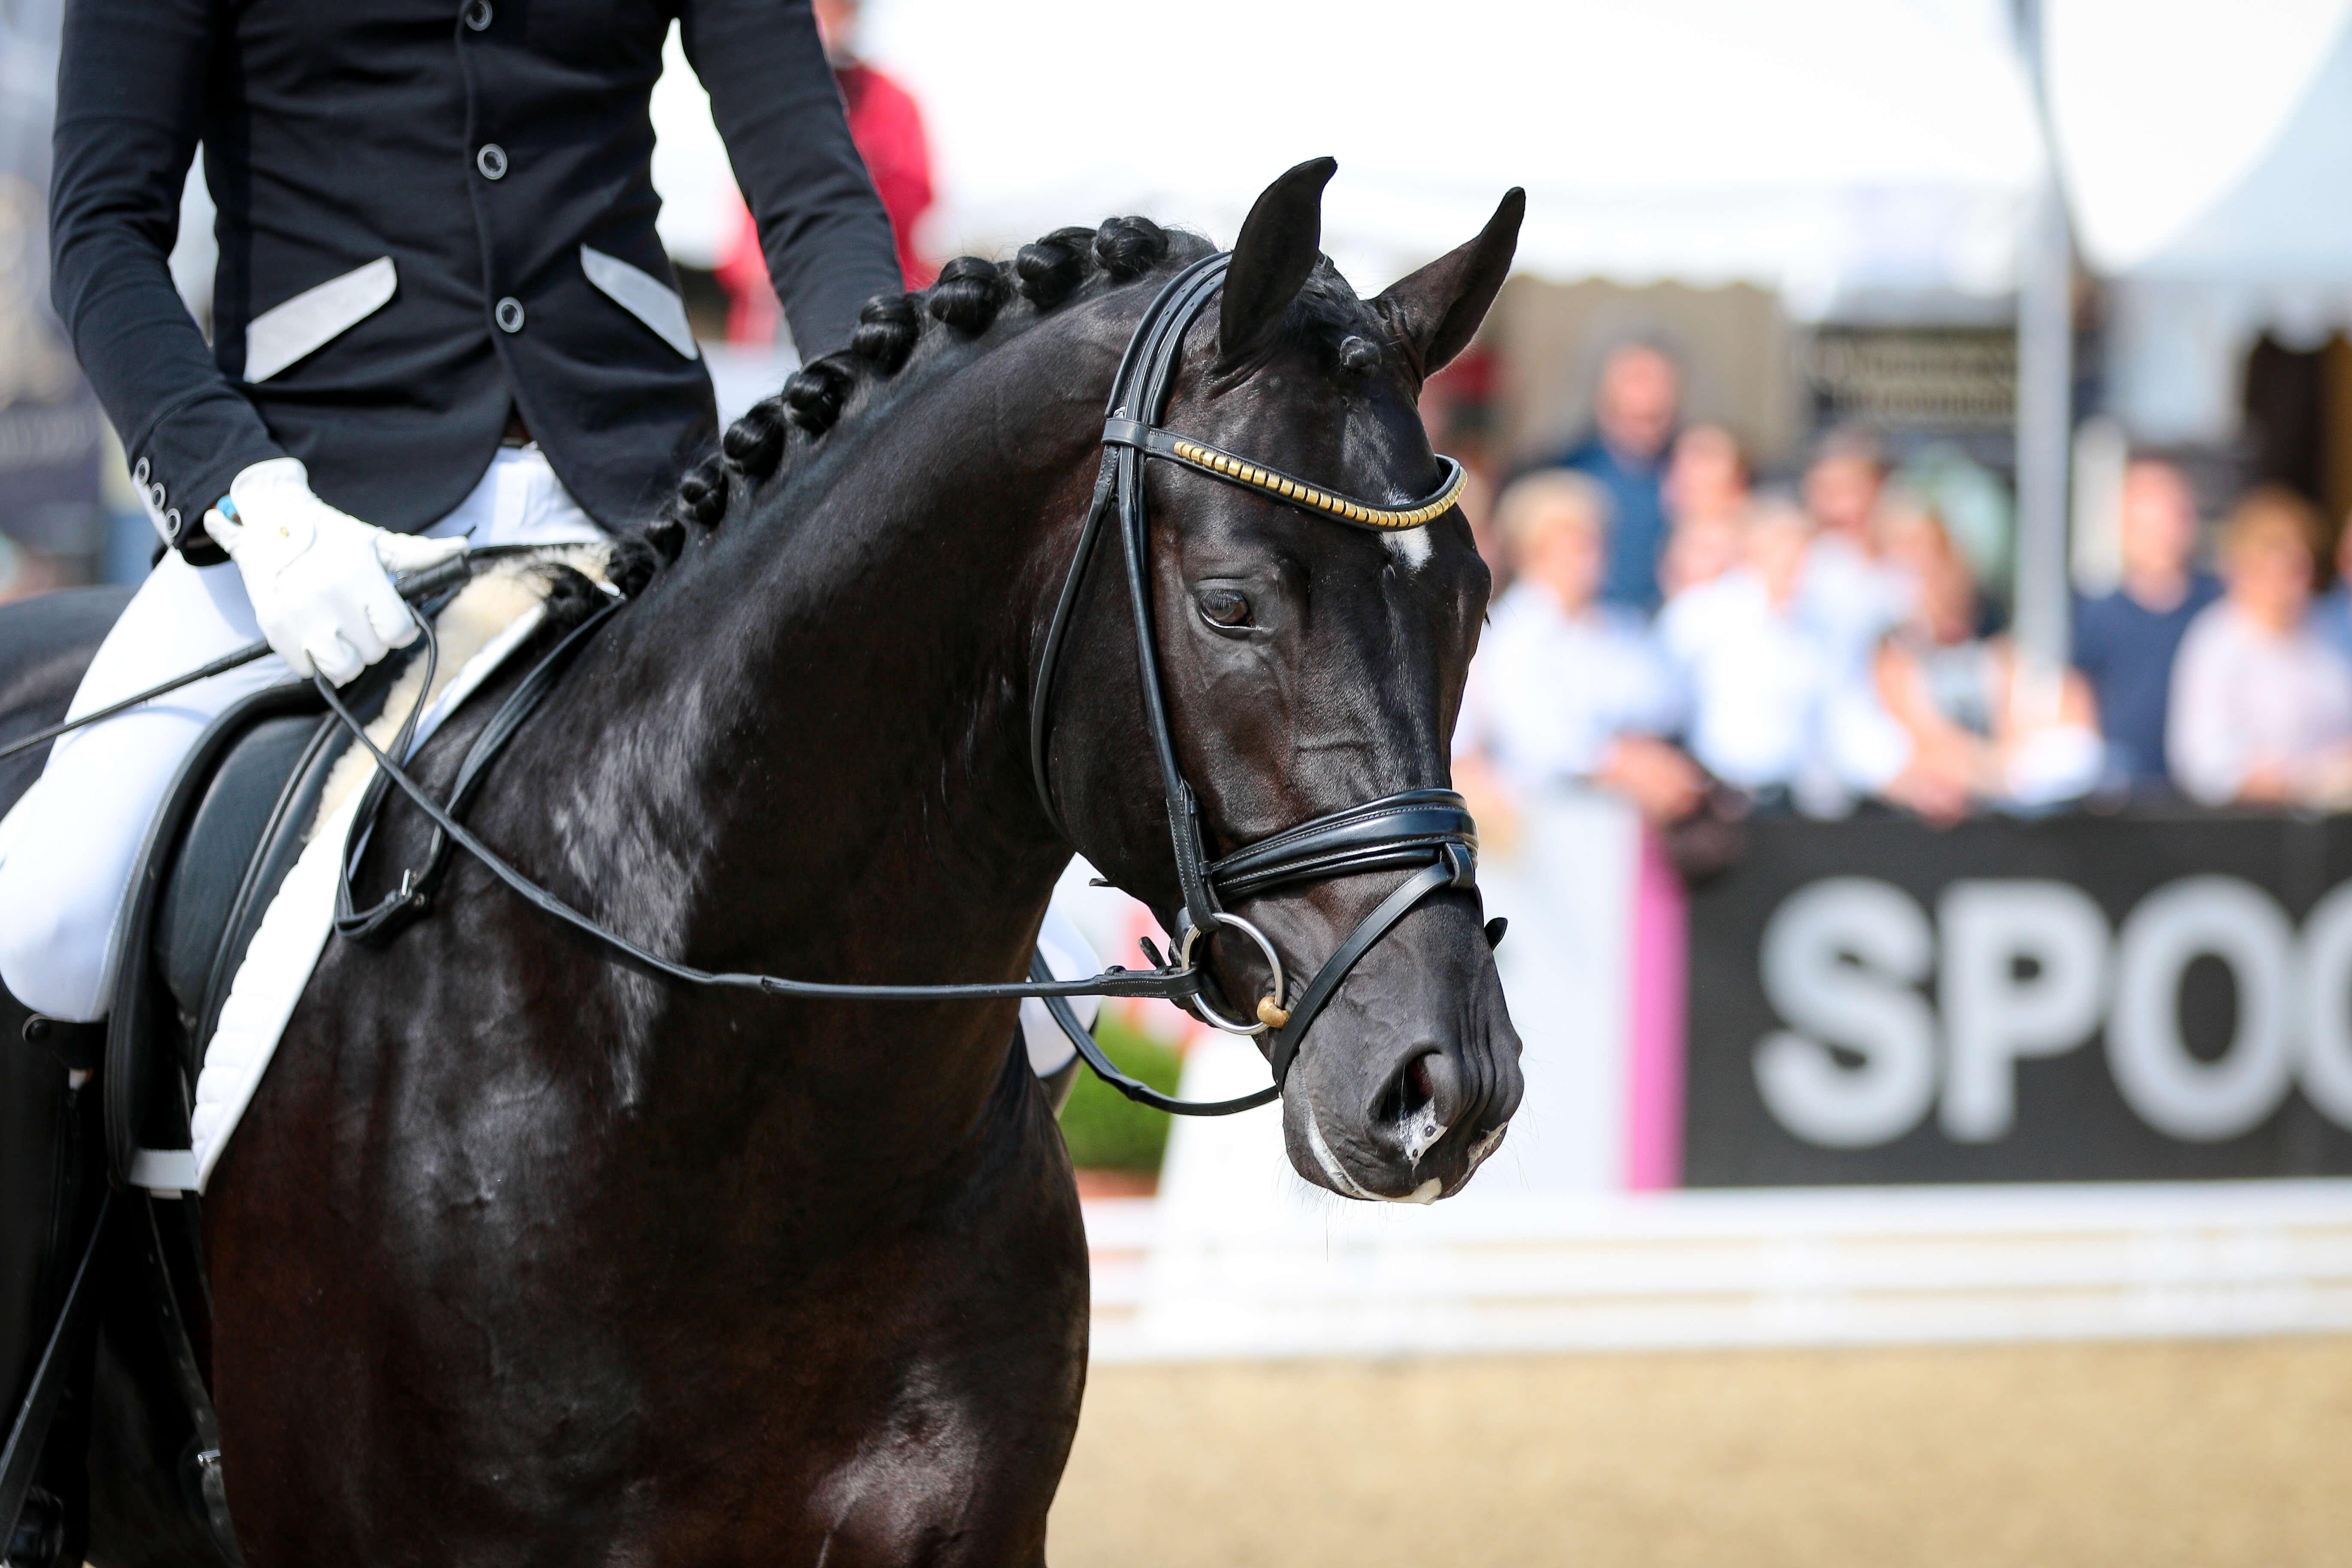 Pferd auf Turnier nach vorigem Reitunterricht